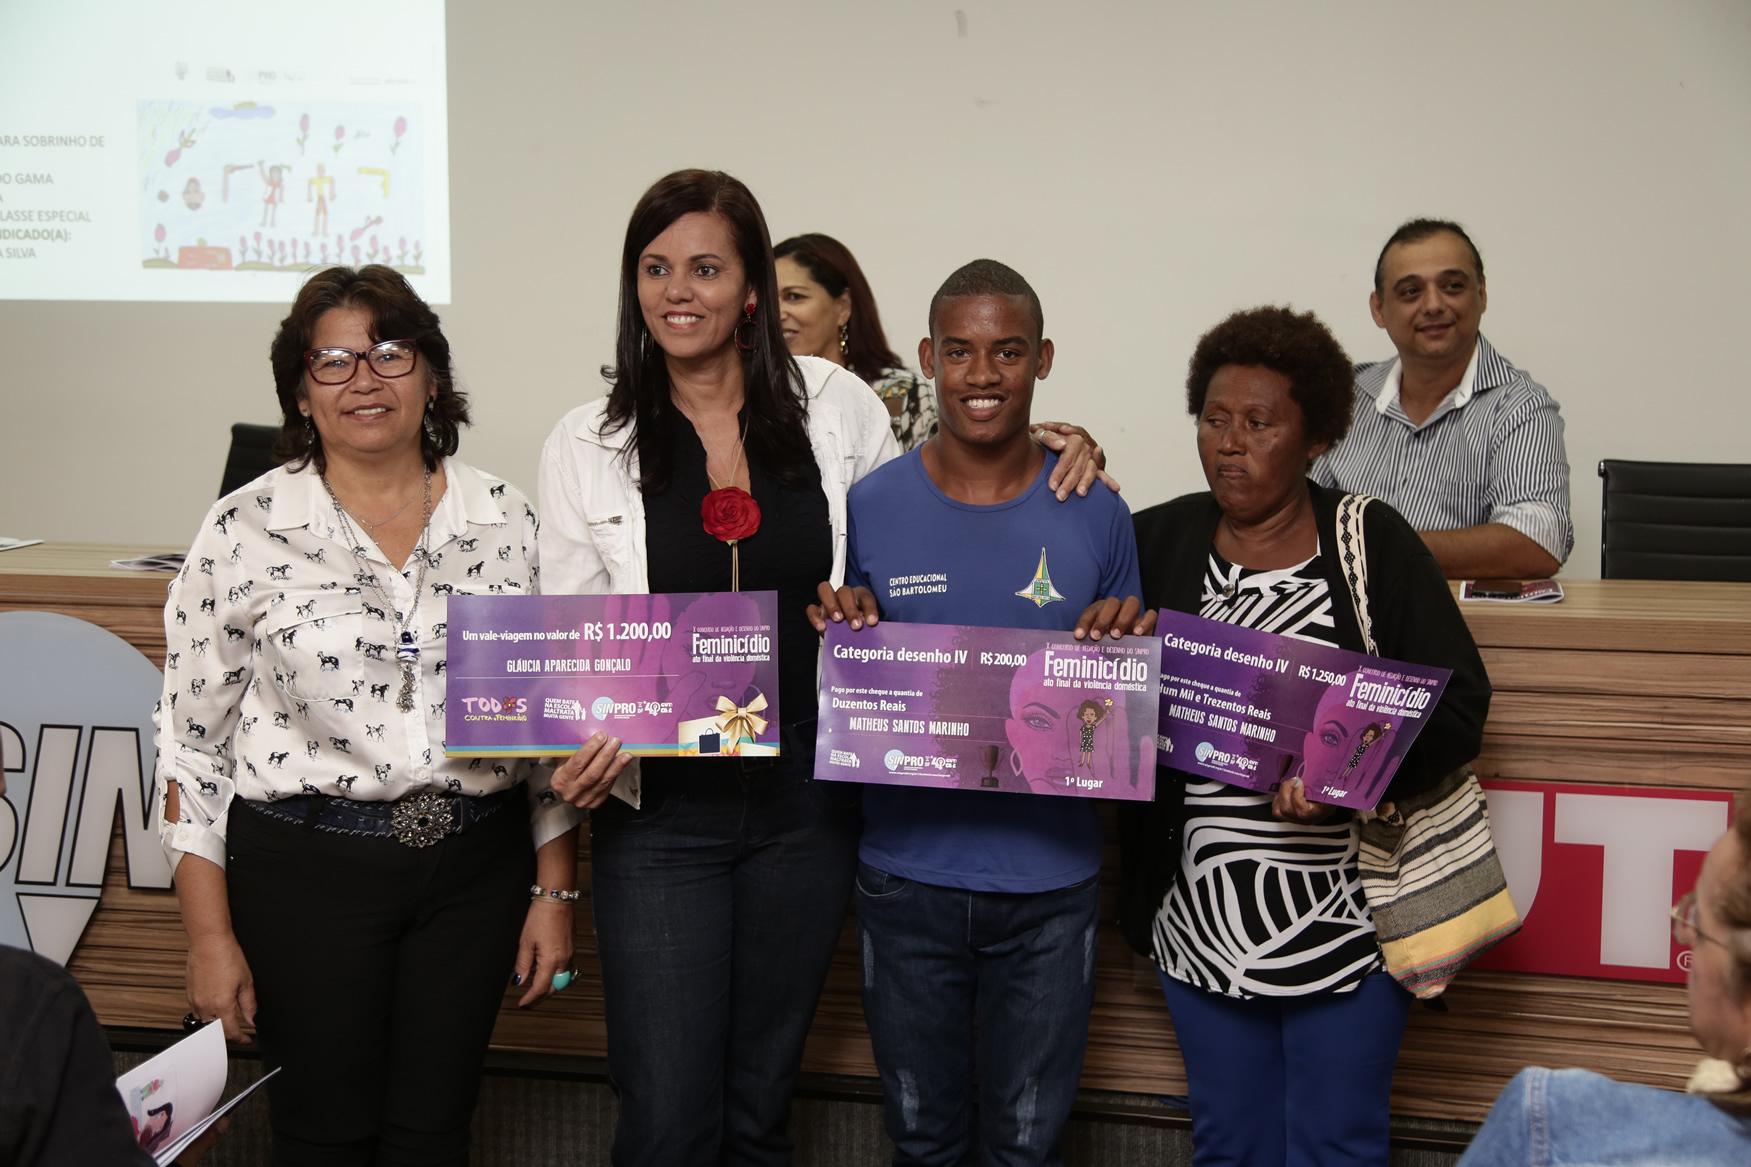 2019.05.19-Premiacao-do-X-Concurso-de-Redacao-do-Sinpro-DF_fotos-ECOM-76